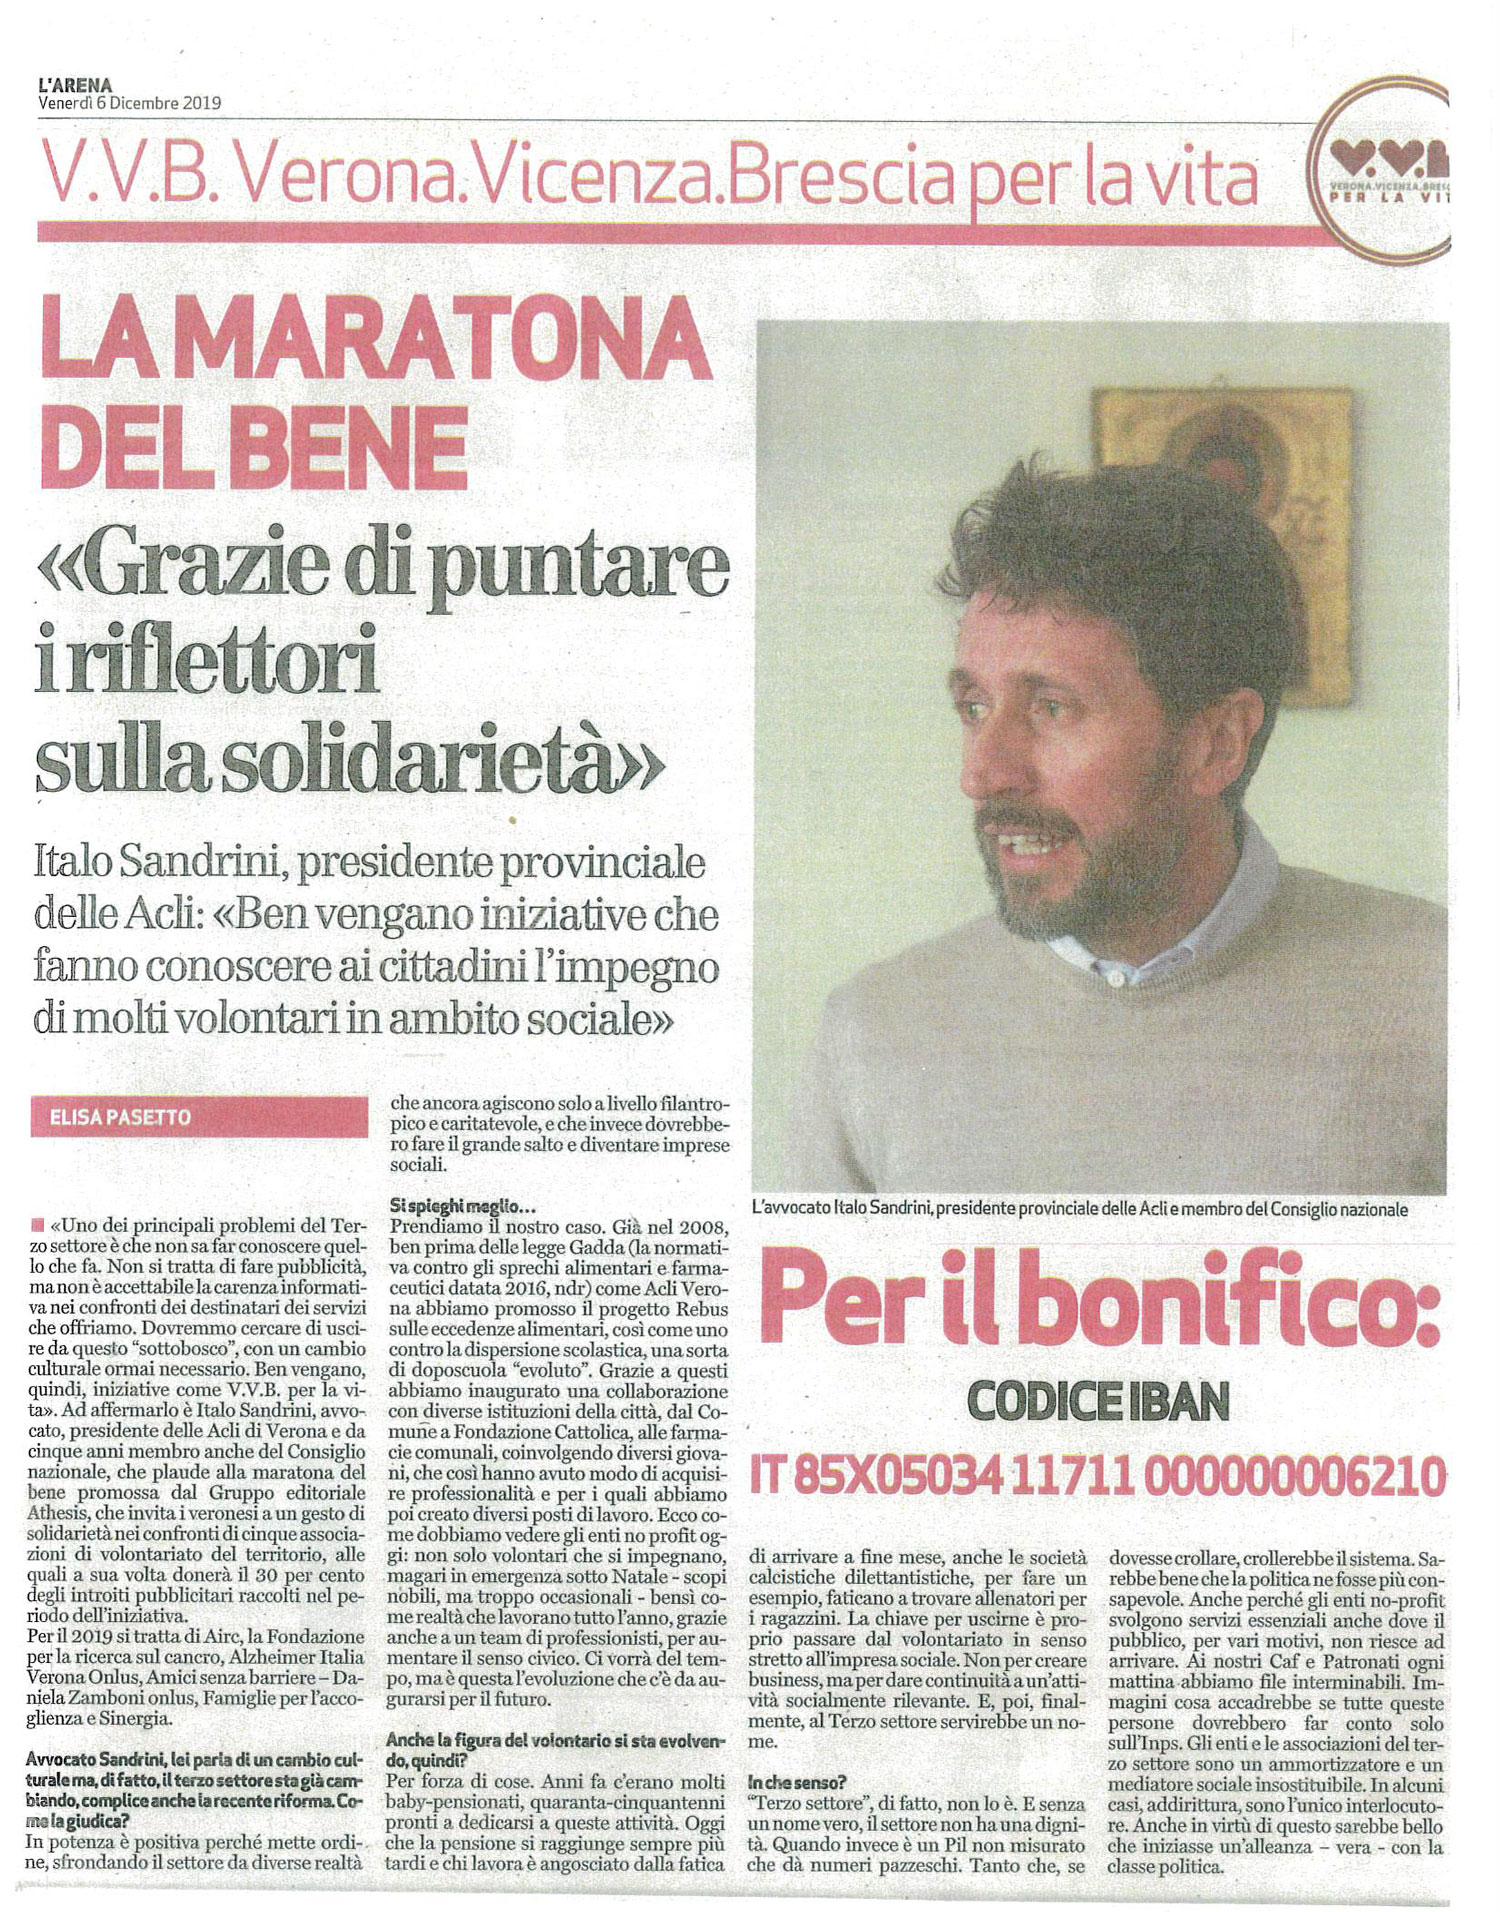 Maratona benefica VVB Verona Vicenza Brescia per la vita